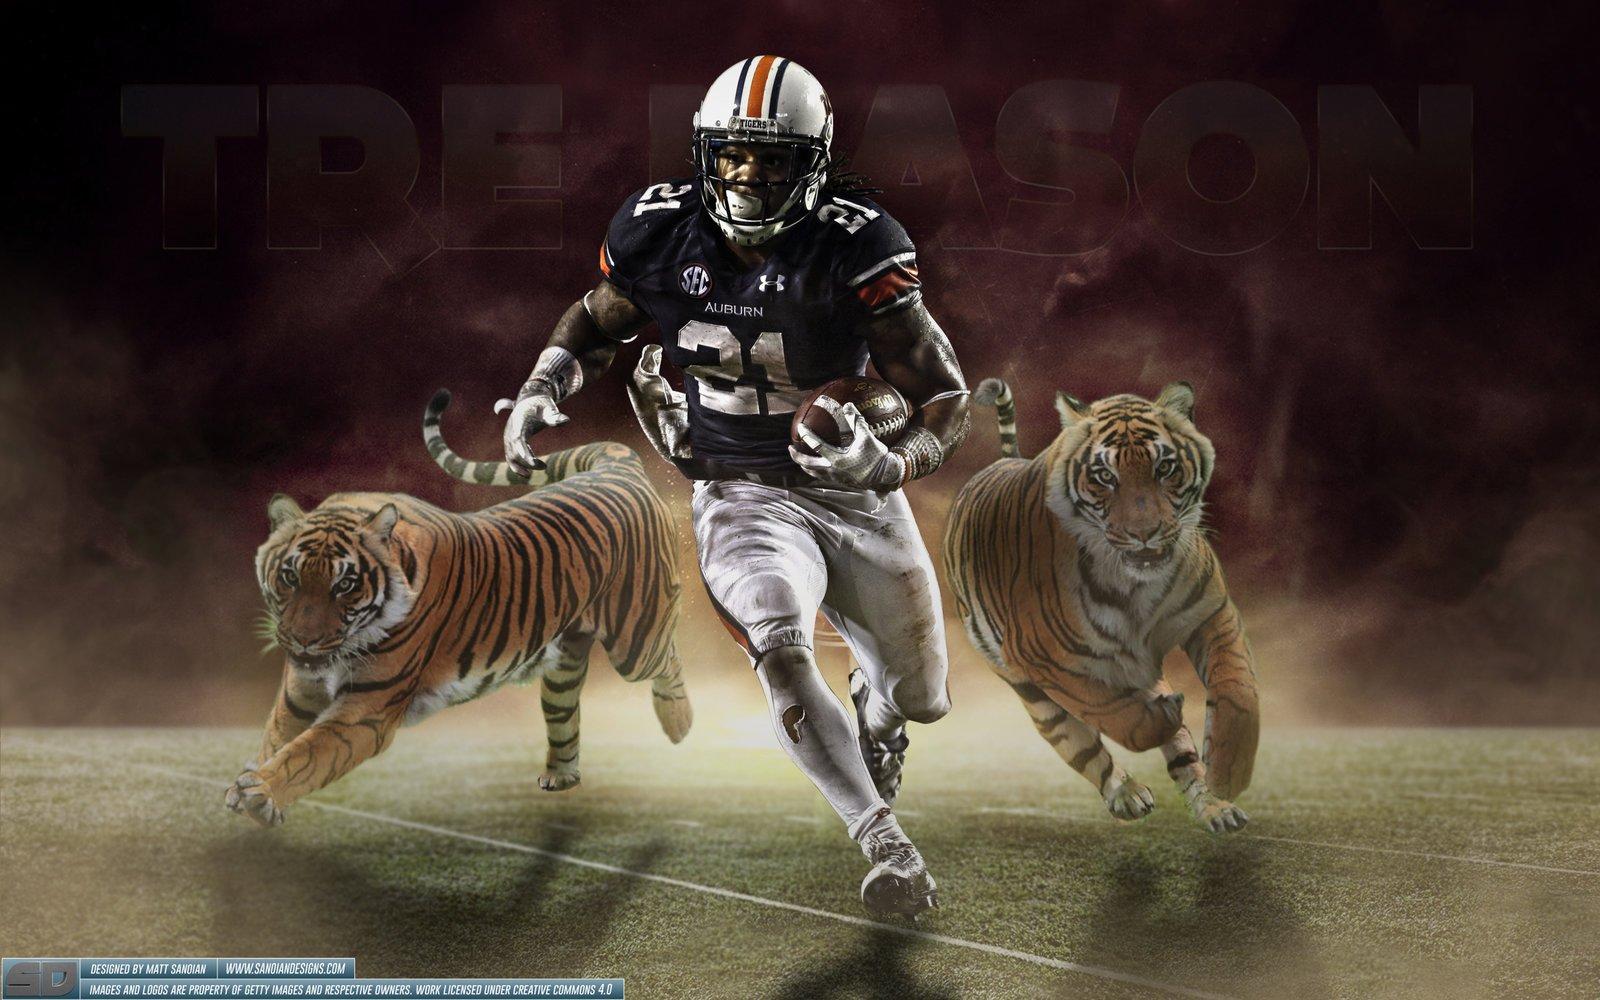 Auburn Tigers Wallpaper HD - WallpaperSafari